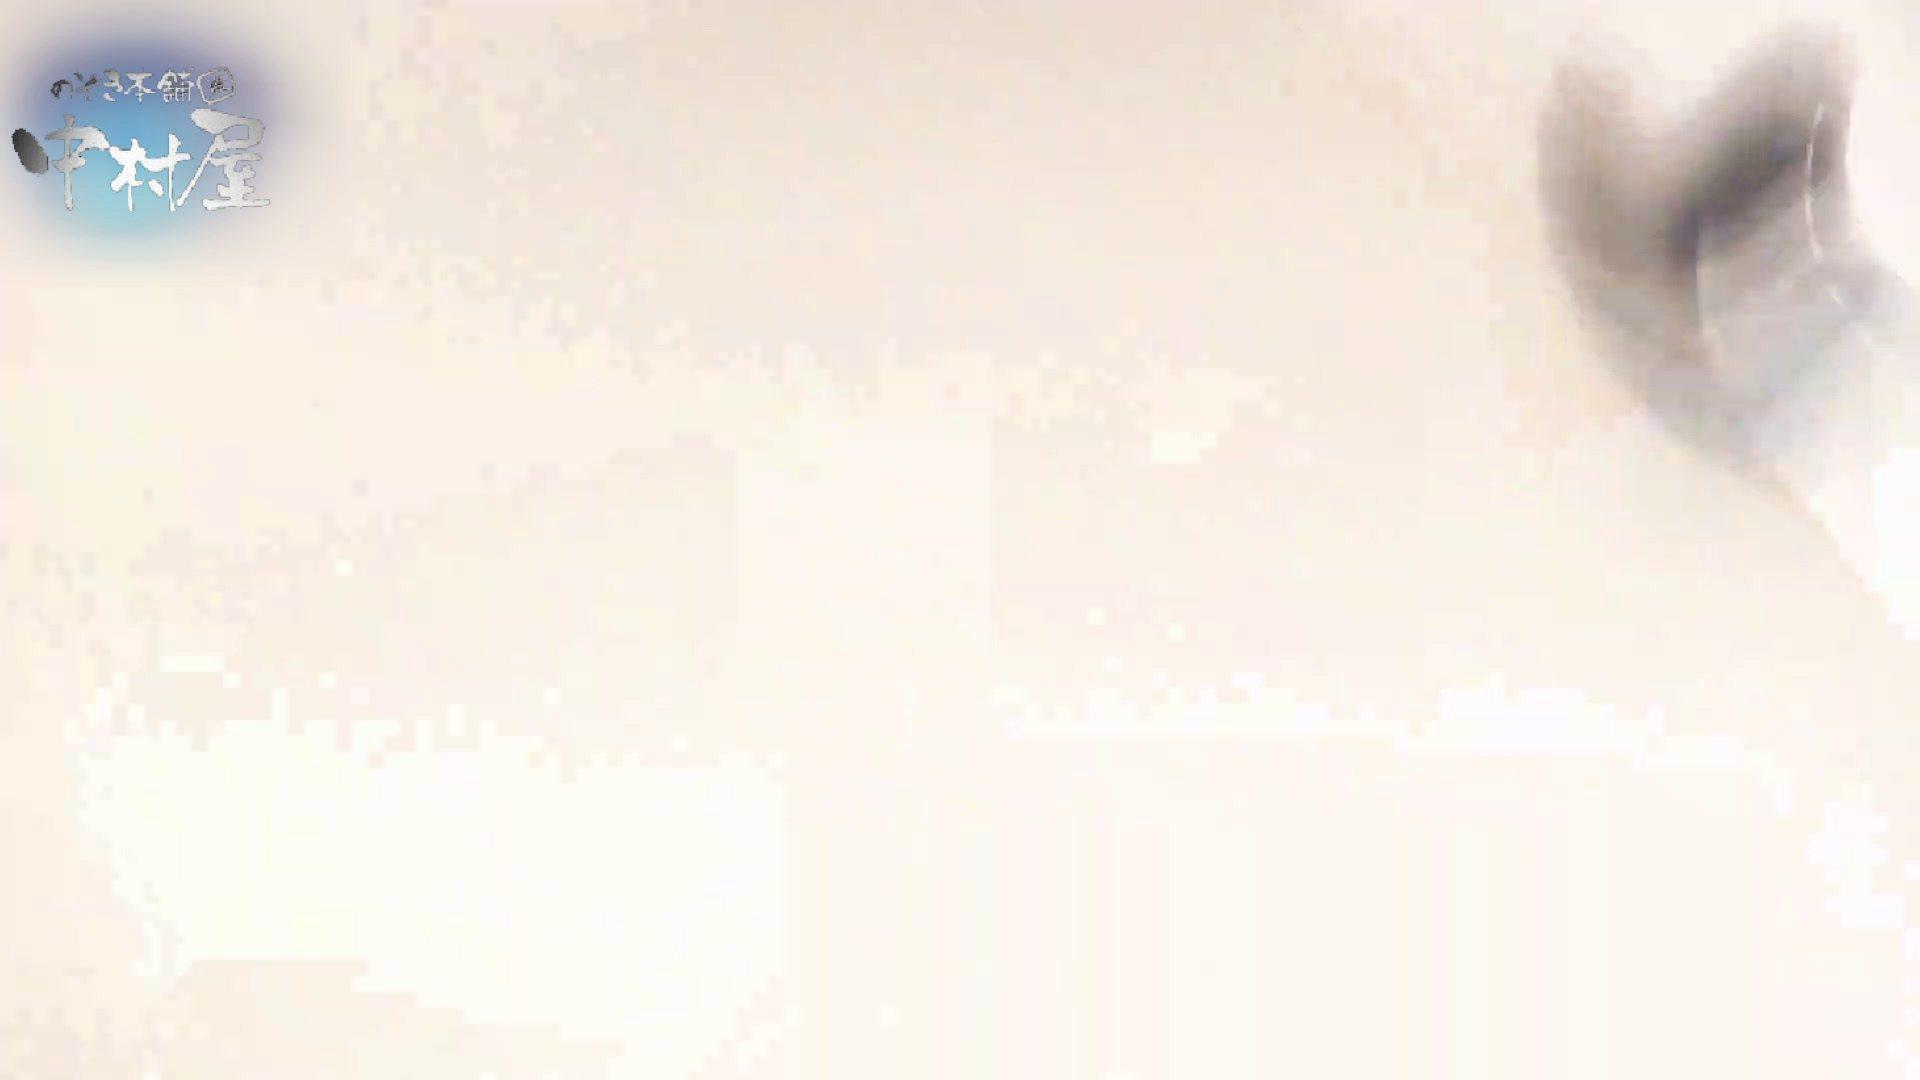 乙女集まる!ショッピングモール潜入撮vol.02 トイレ ヌード画像 76連発 26